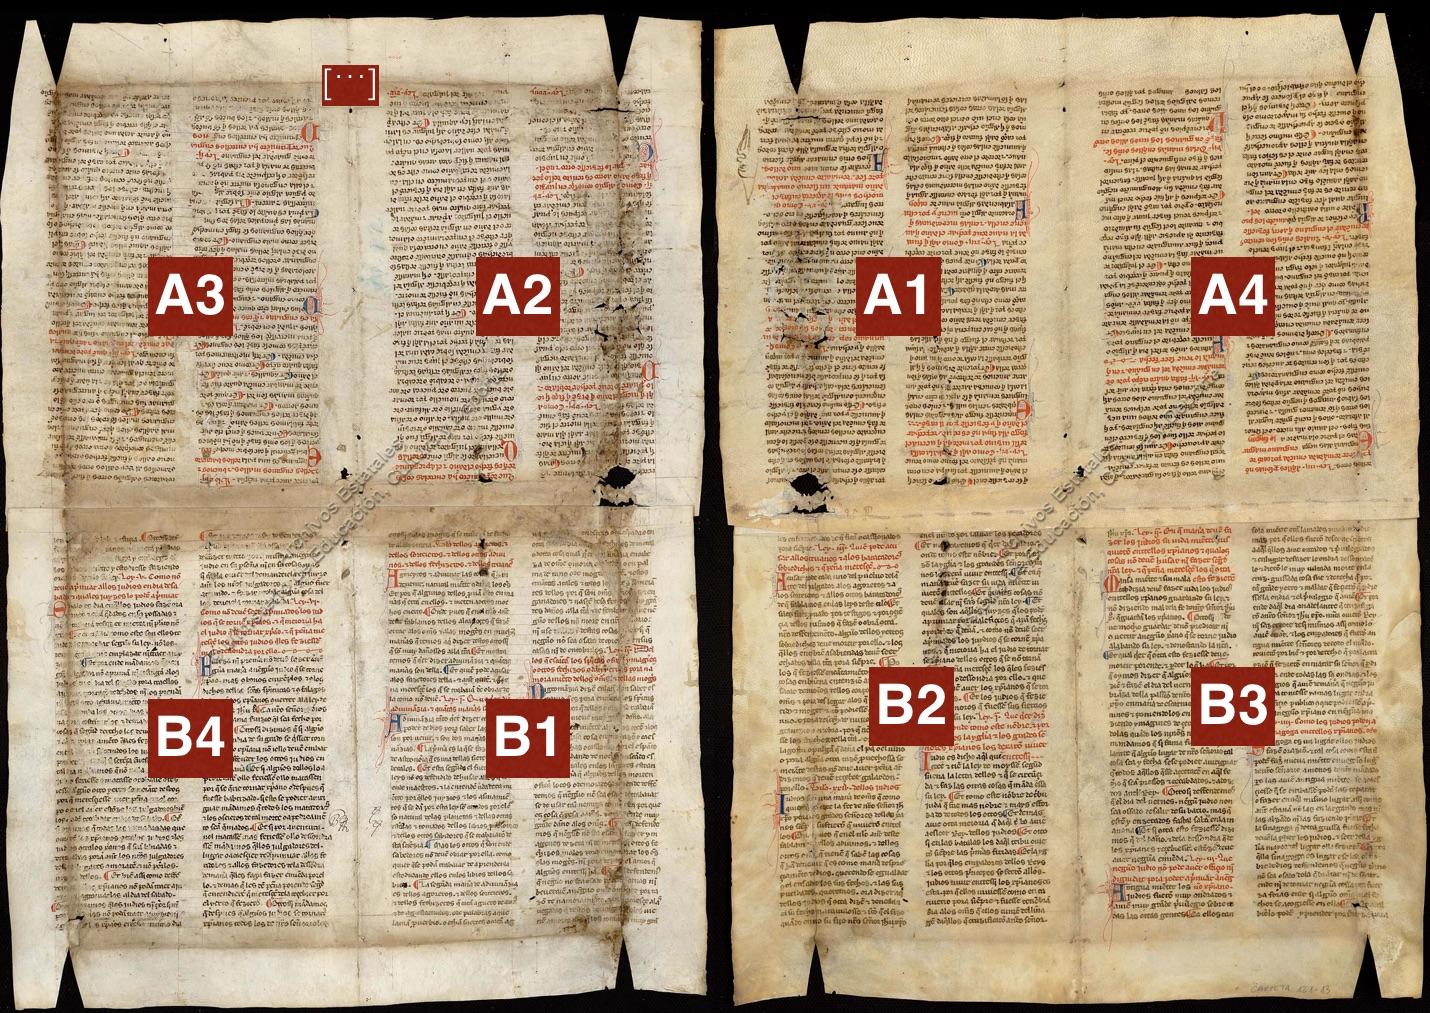 Secuencia de lectura de ARCHVa 121-13 (VA2)